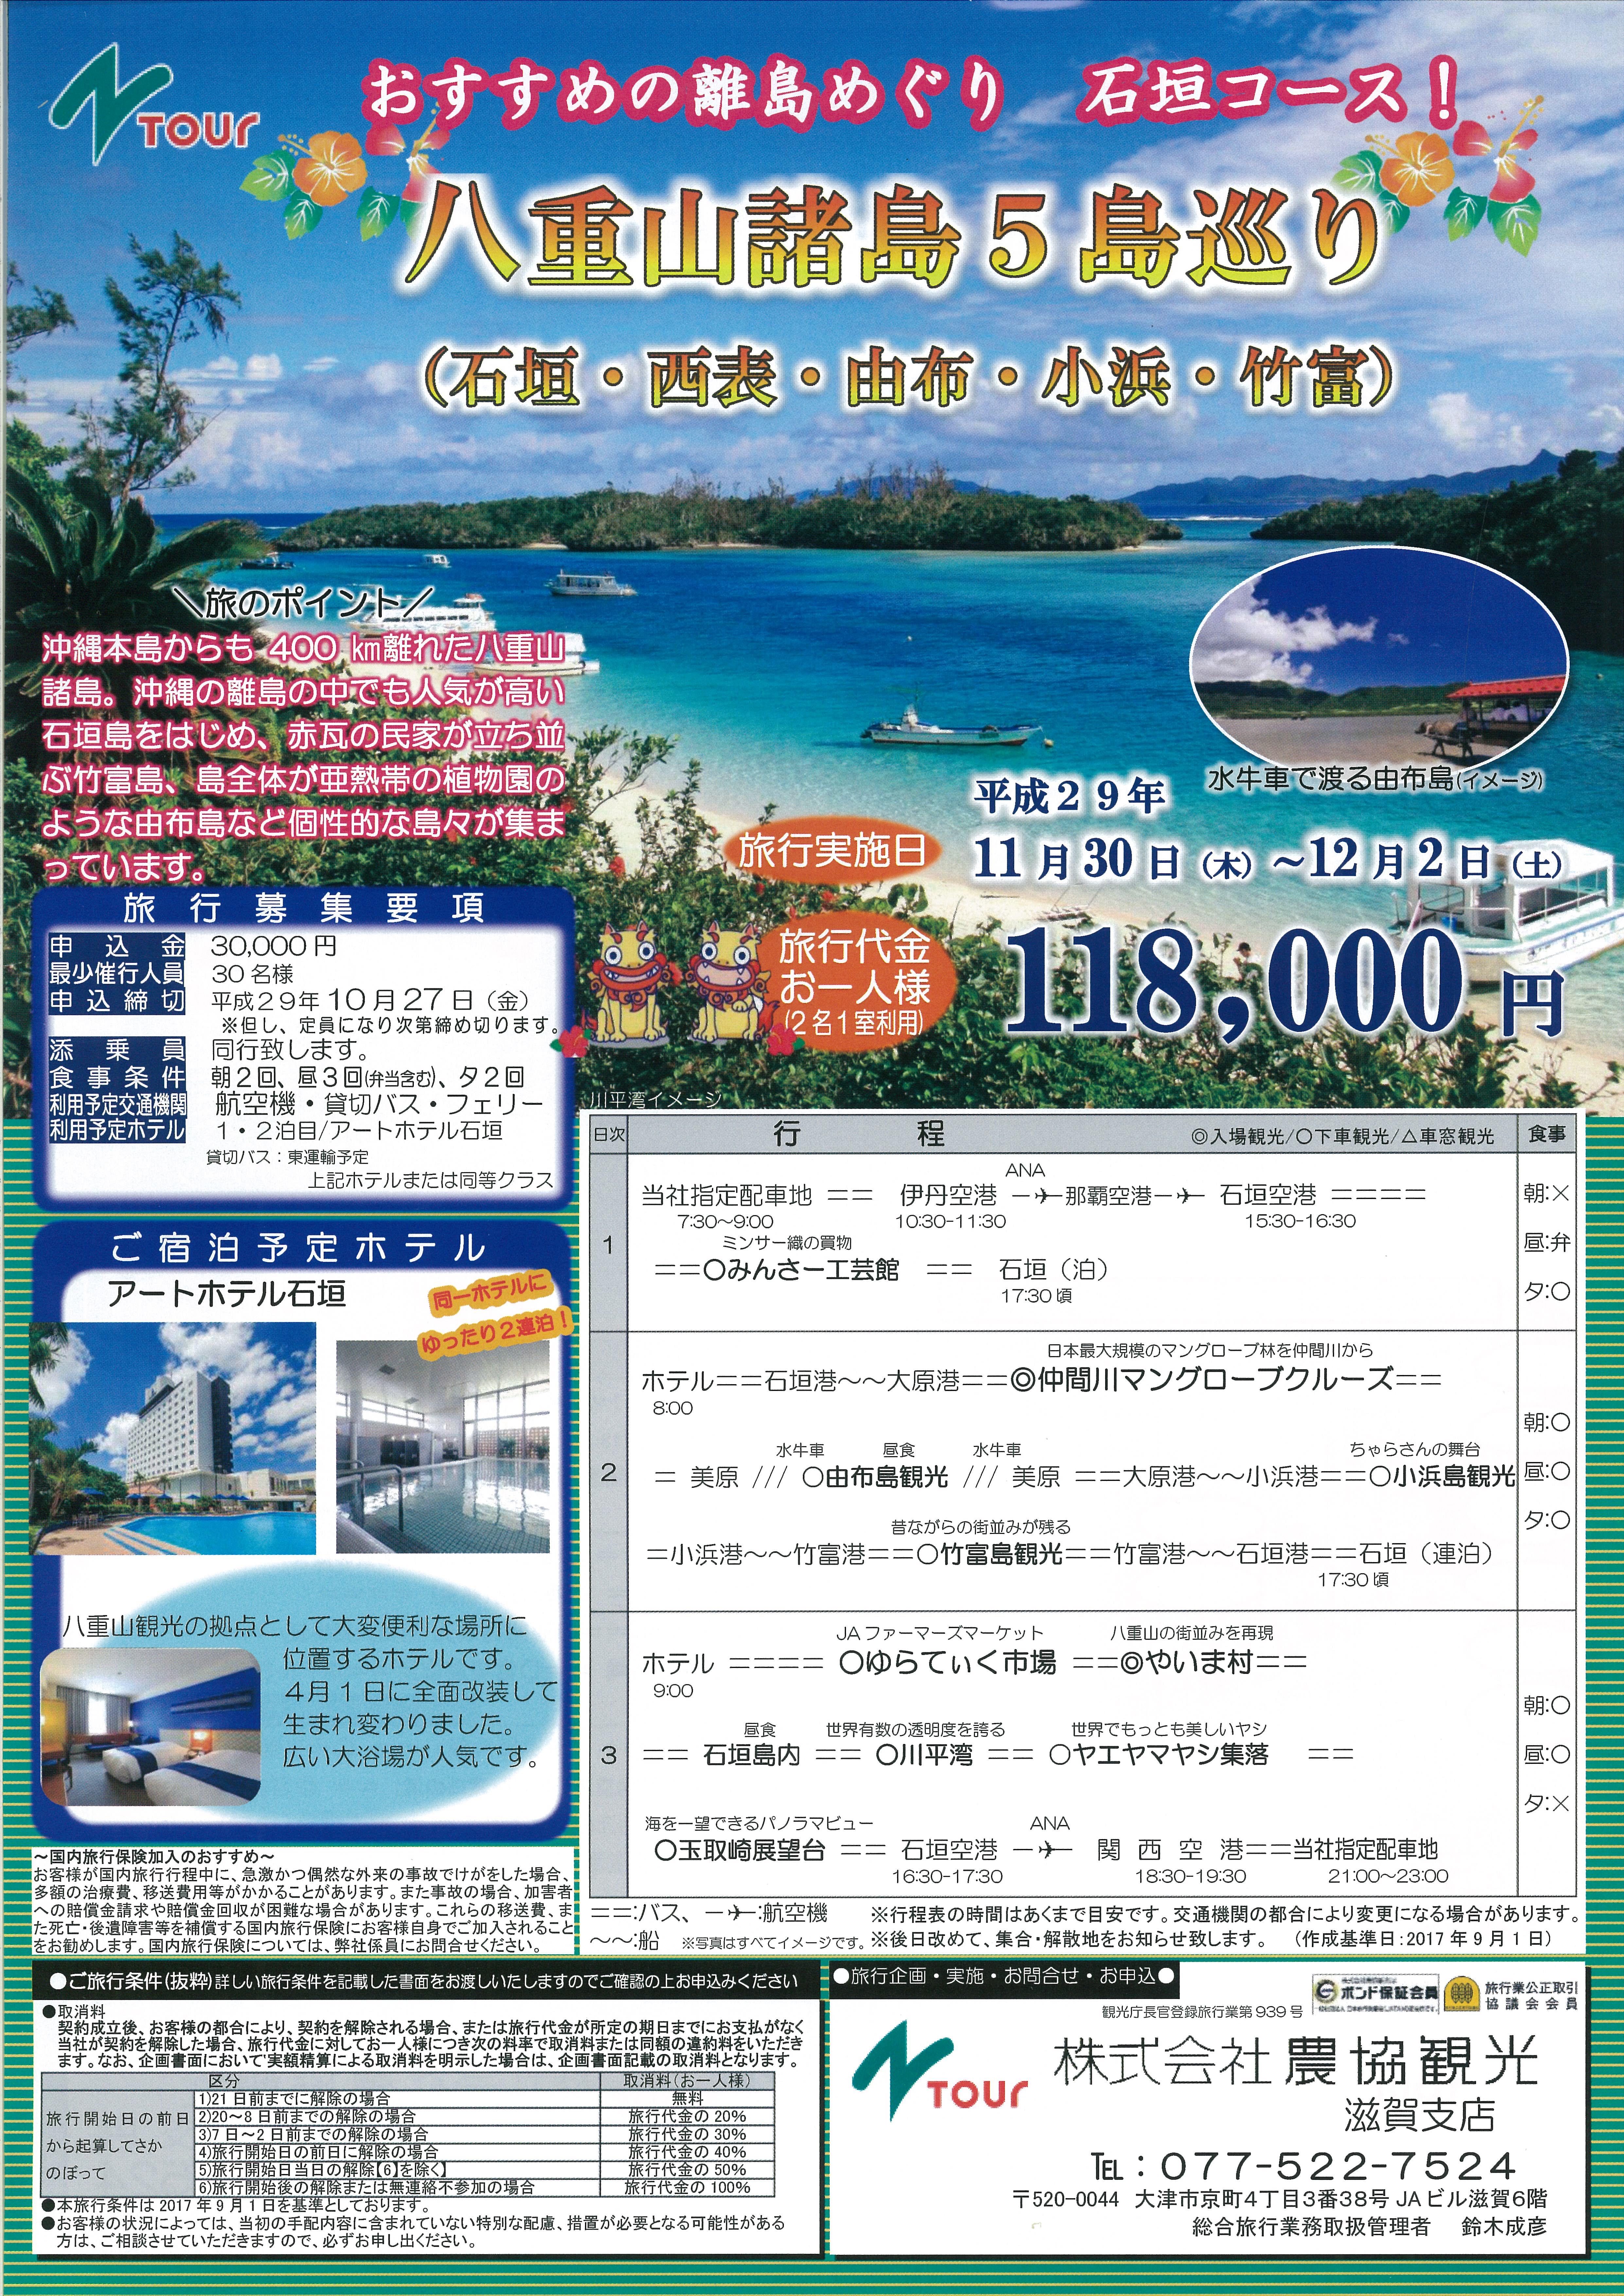 八重山諸島5島巡り(石垣・西表・由布・小浜・竹富)